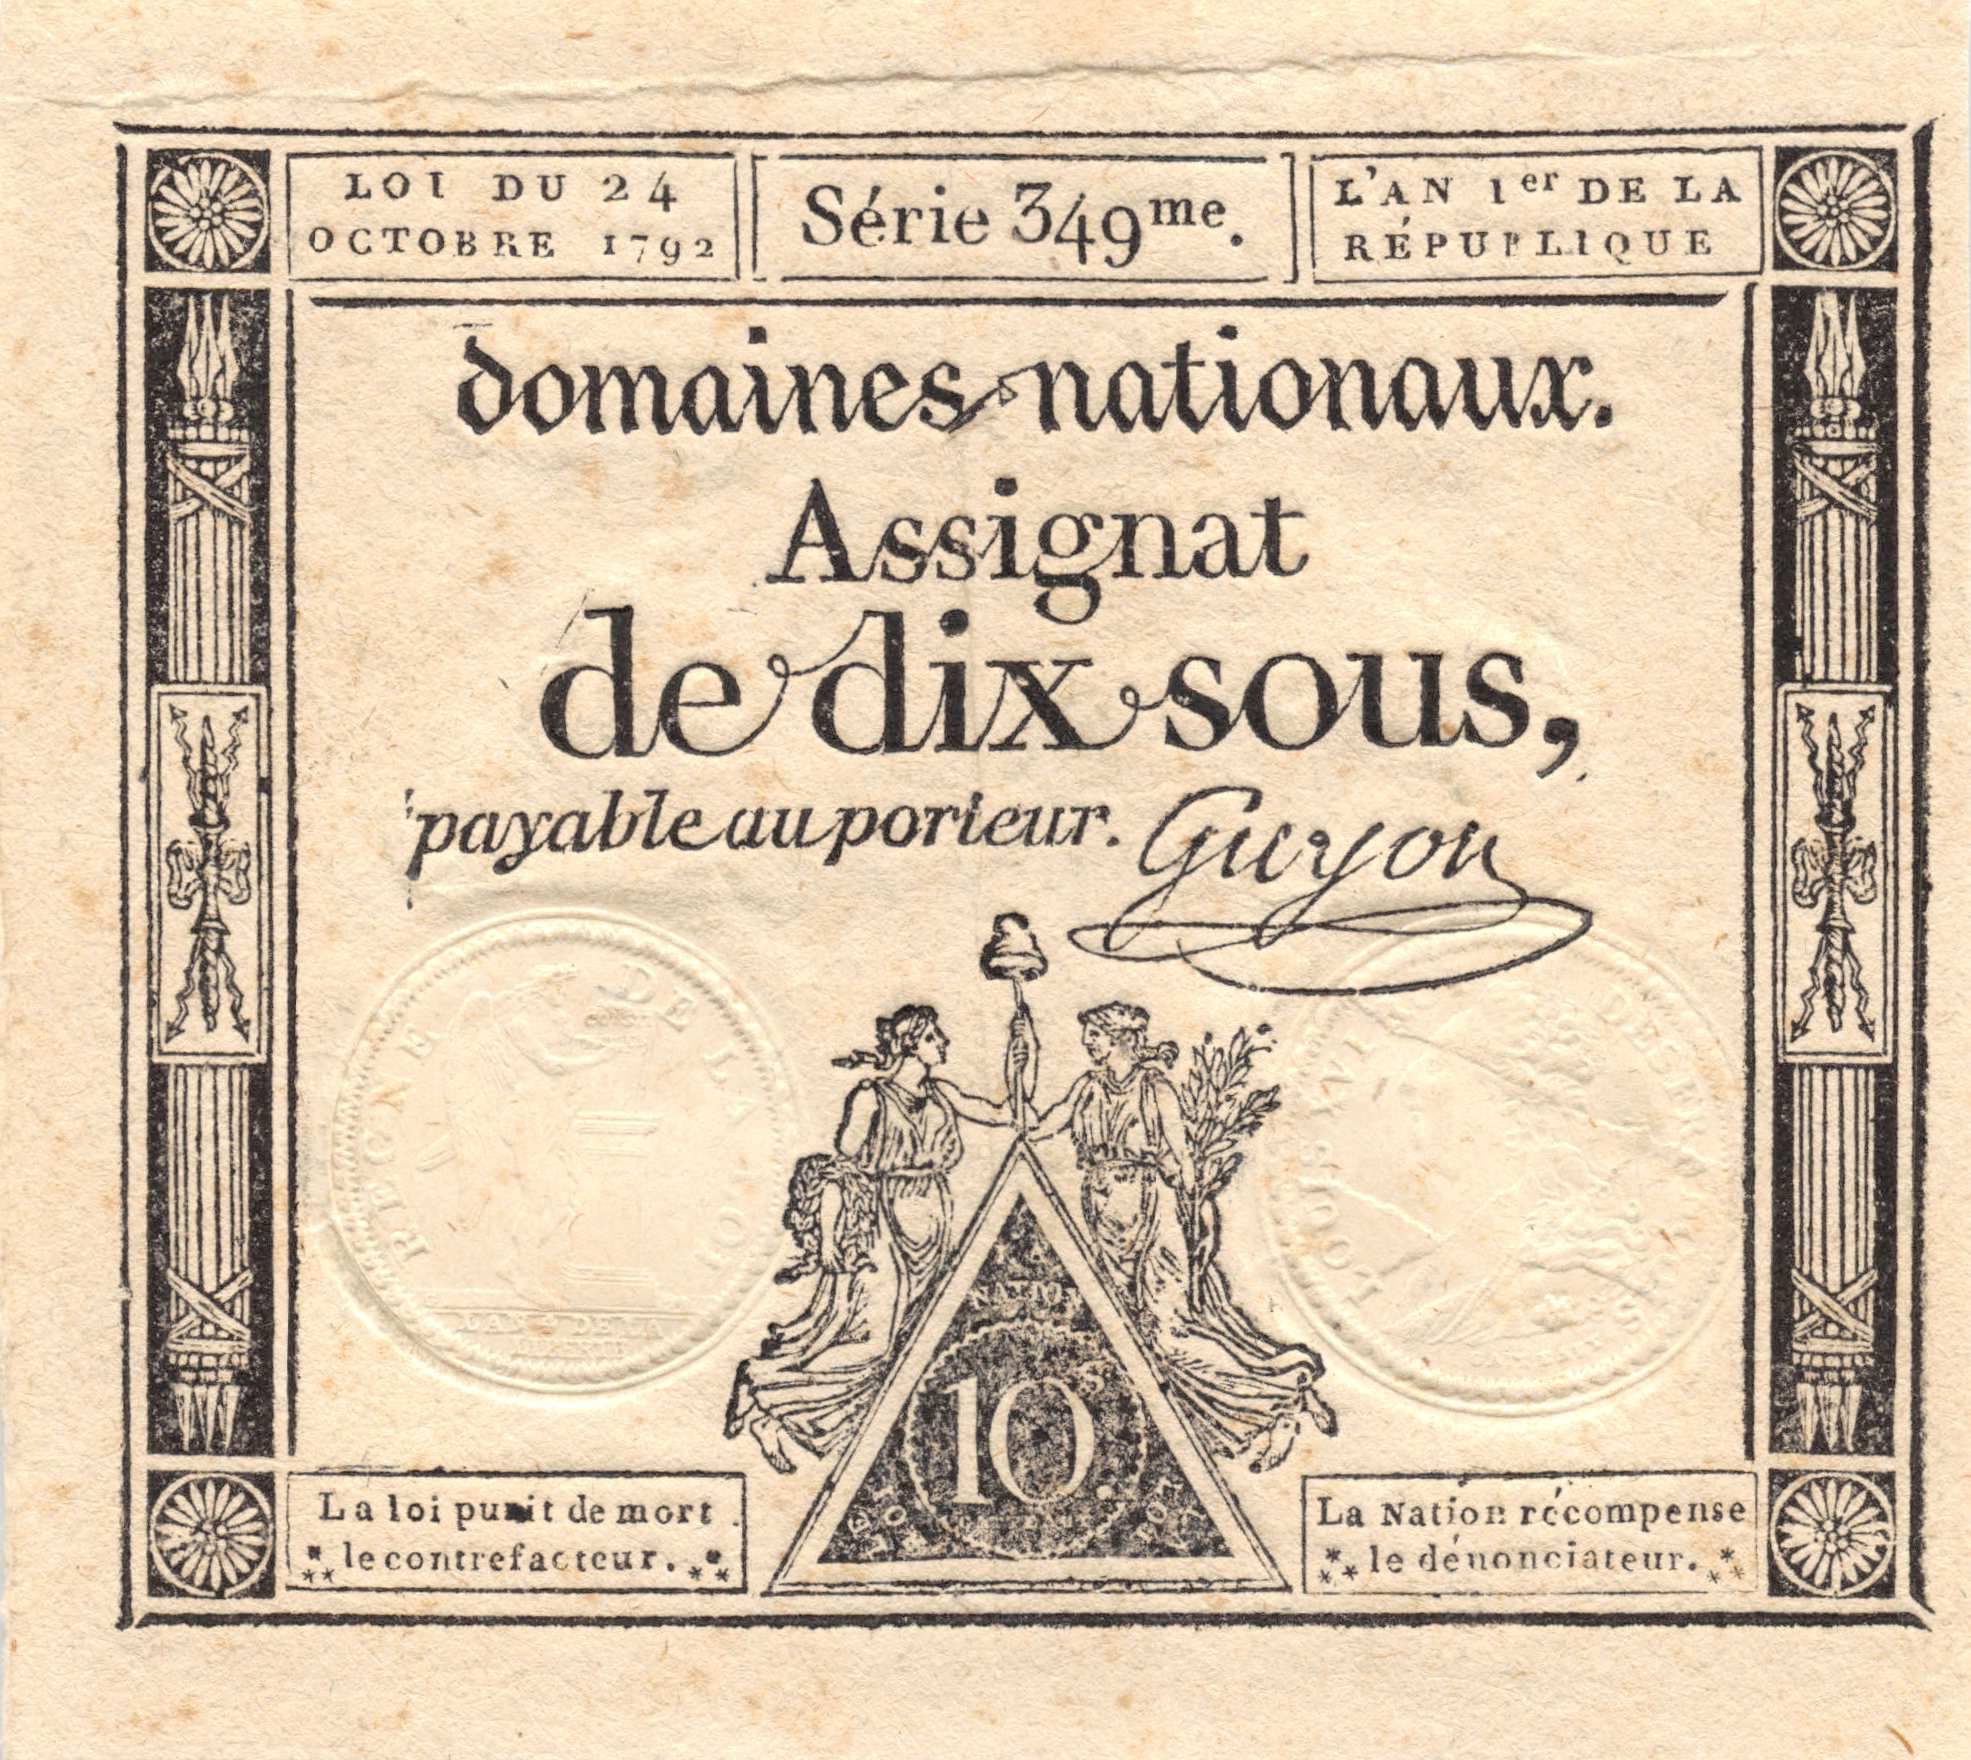 France 10 Sous Femmes, bonnet phygien (24-10-1792) - Sign. Guyon - Série 349 - SUP